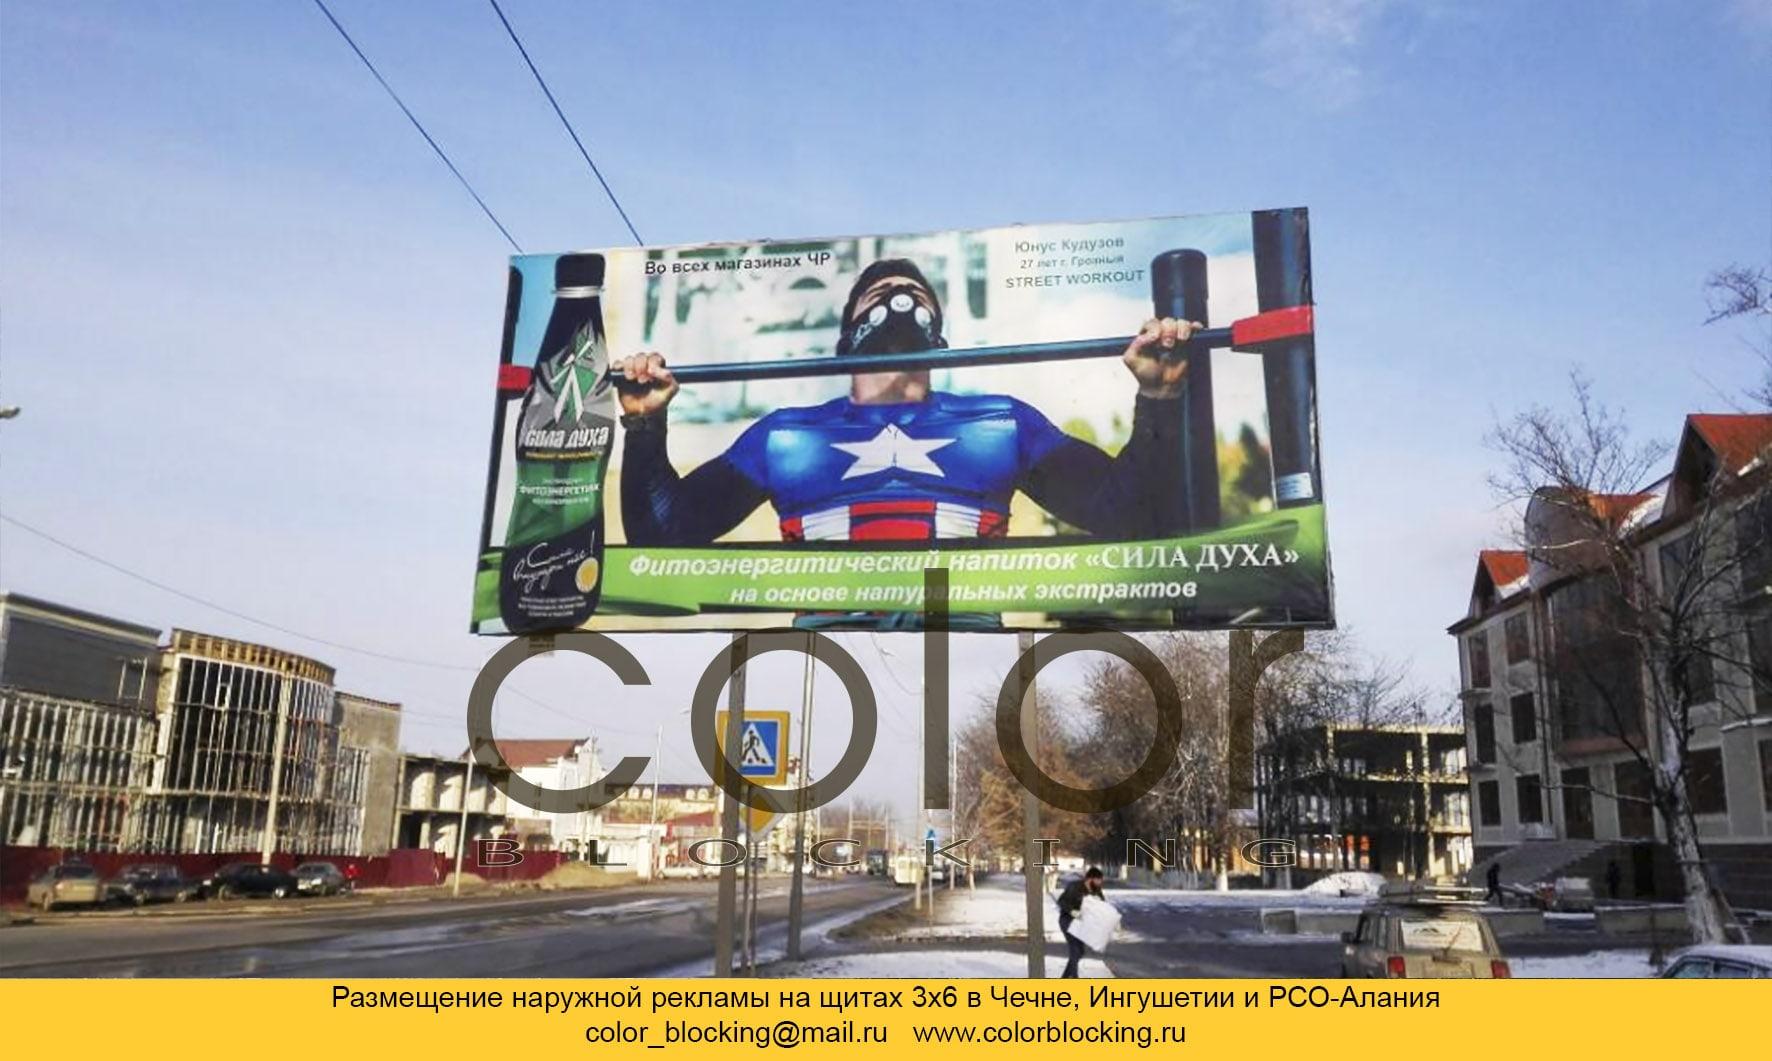 Наружная реклама в Чечне в Грозном